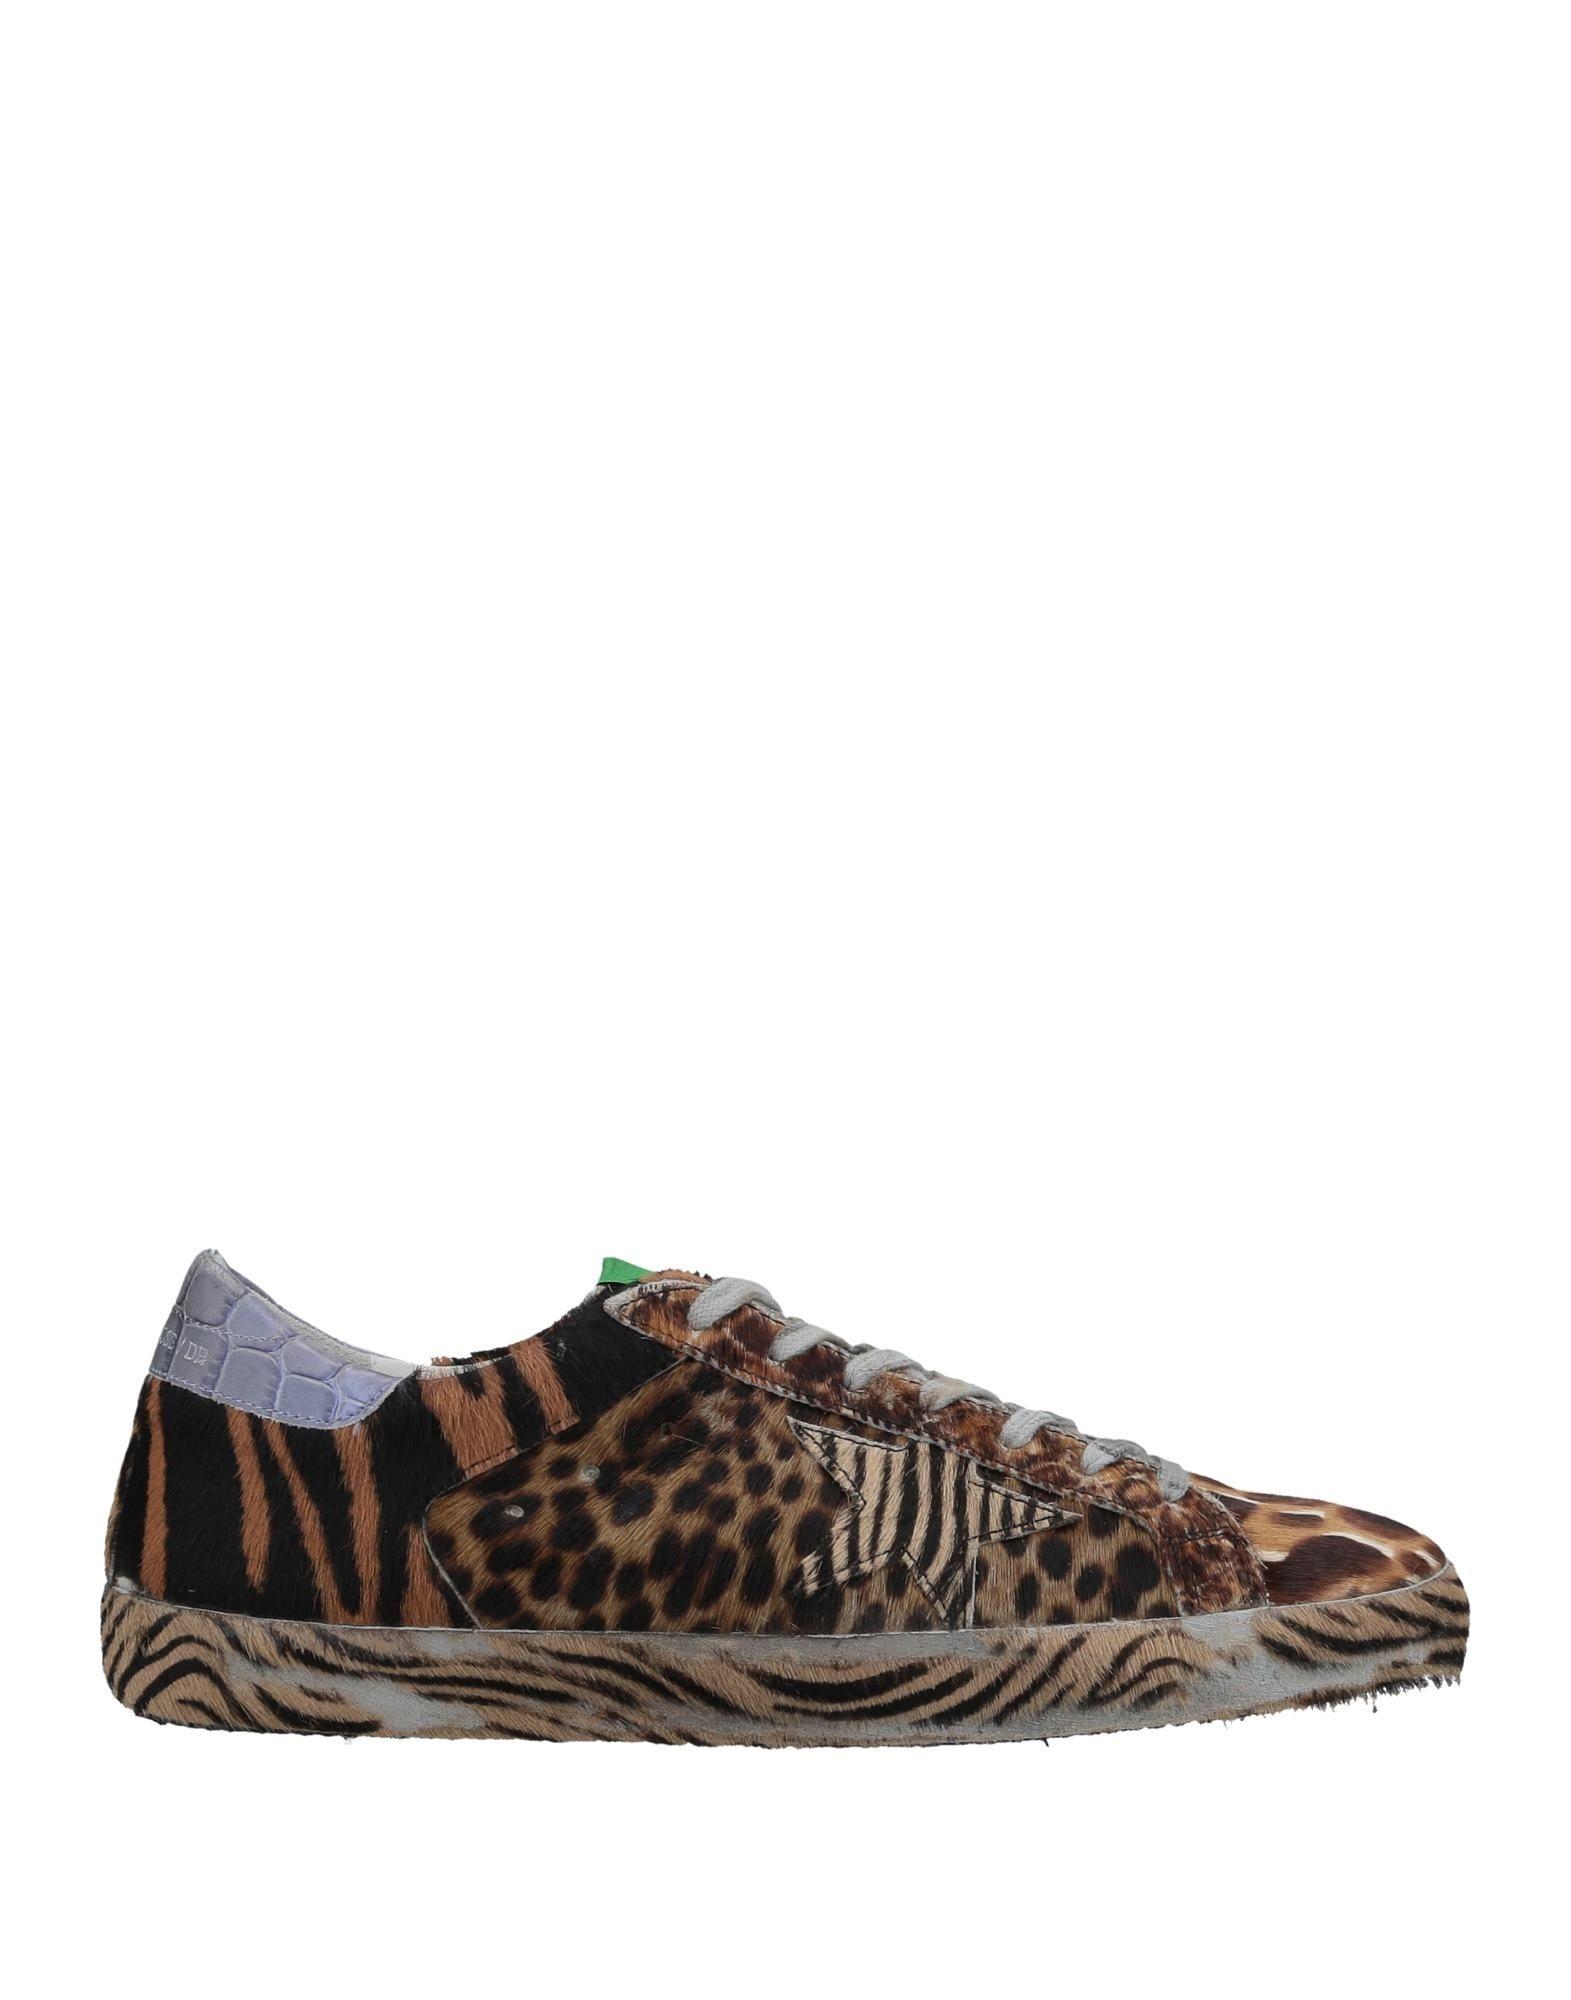 Golden Goose Deluxe Brand Herren Sneakers Herren Brand  11510015UG 65bdb8